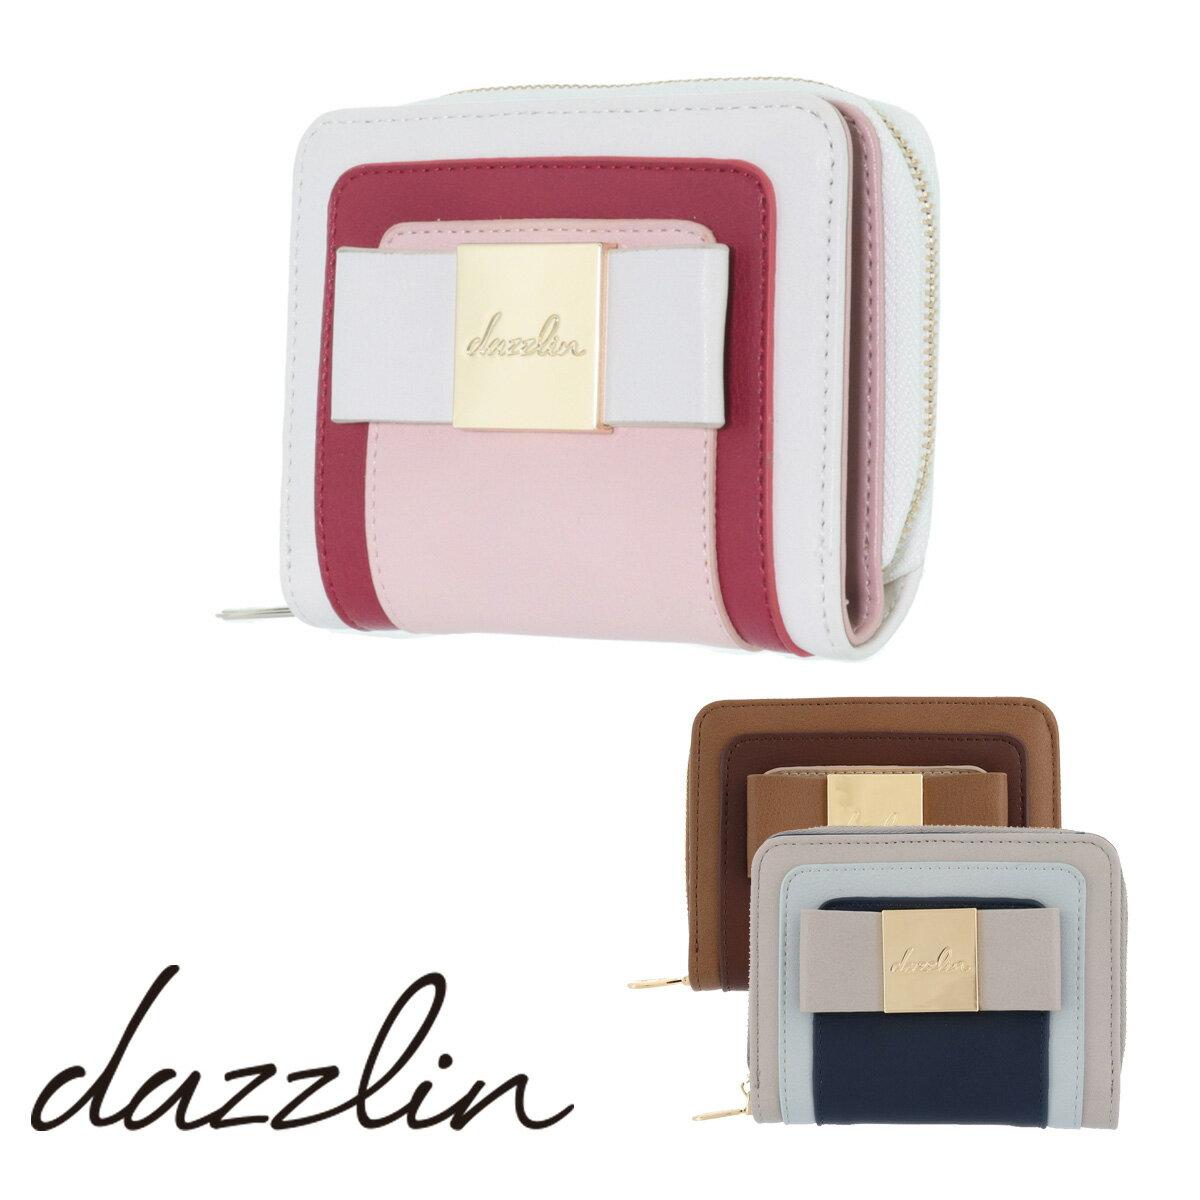 ダズリン dazzlin 二つ折り財布 DLS-1324 ラウンドファスナー 財布 レディース[bef]